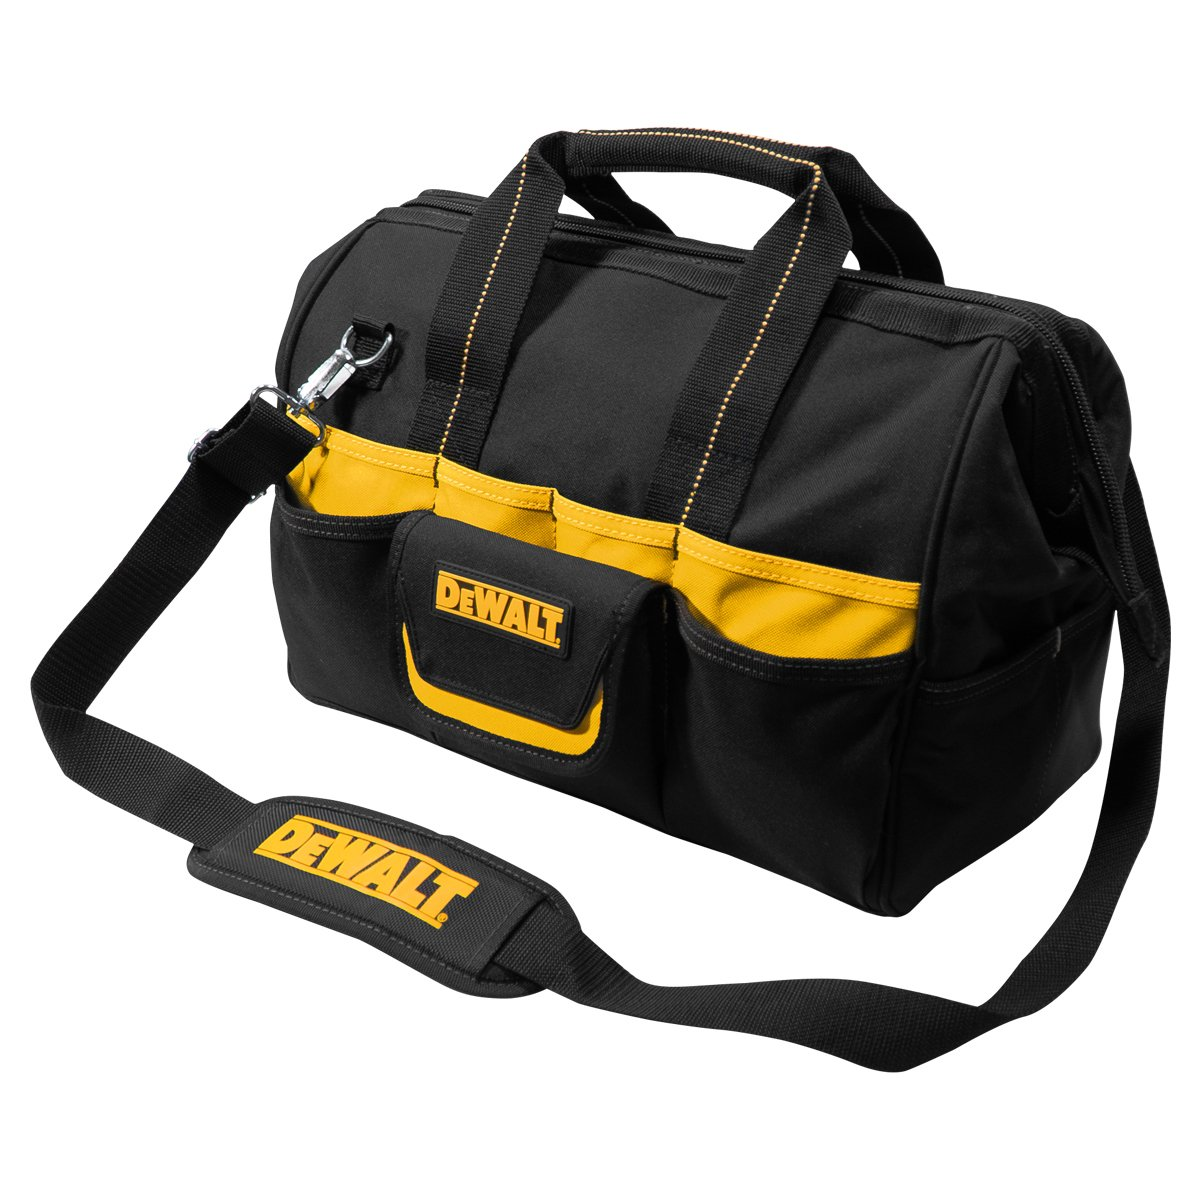 DEWALT DG5543 16 in. 33 Pocket Tool Bag by Custom Leathercraft